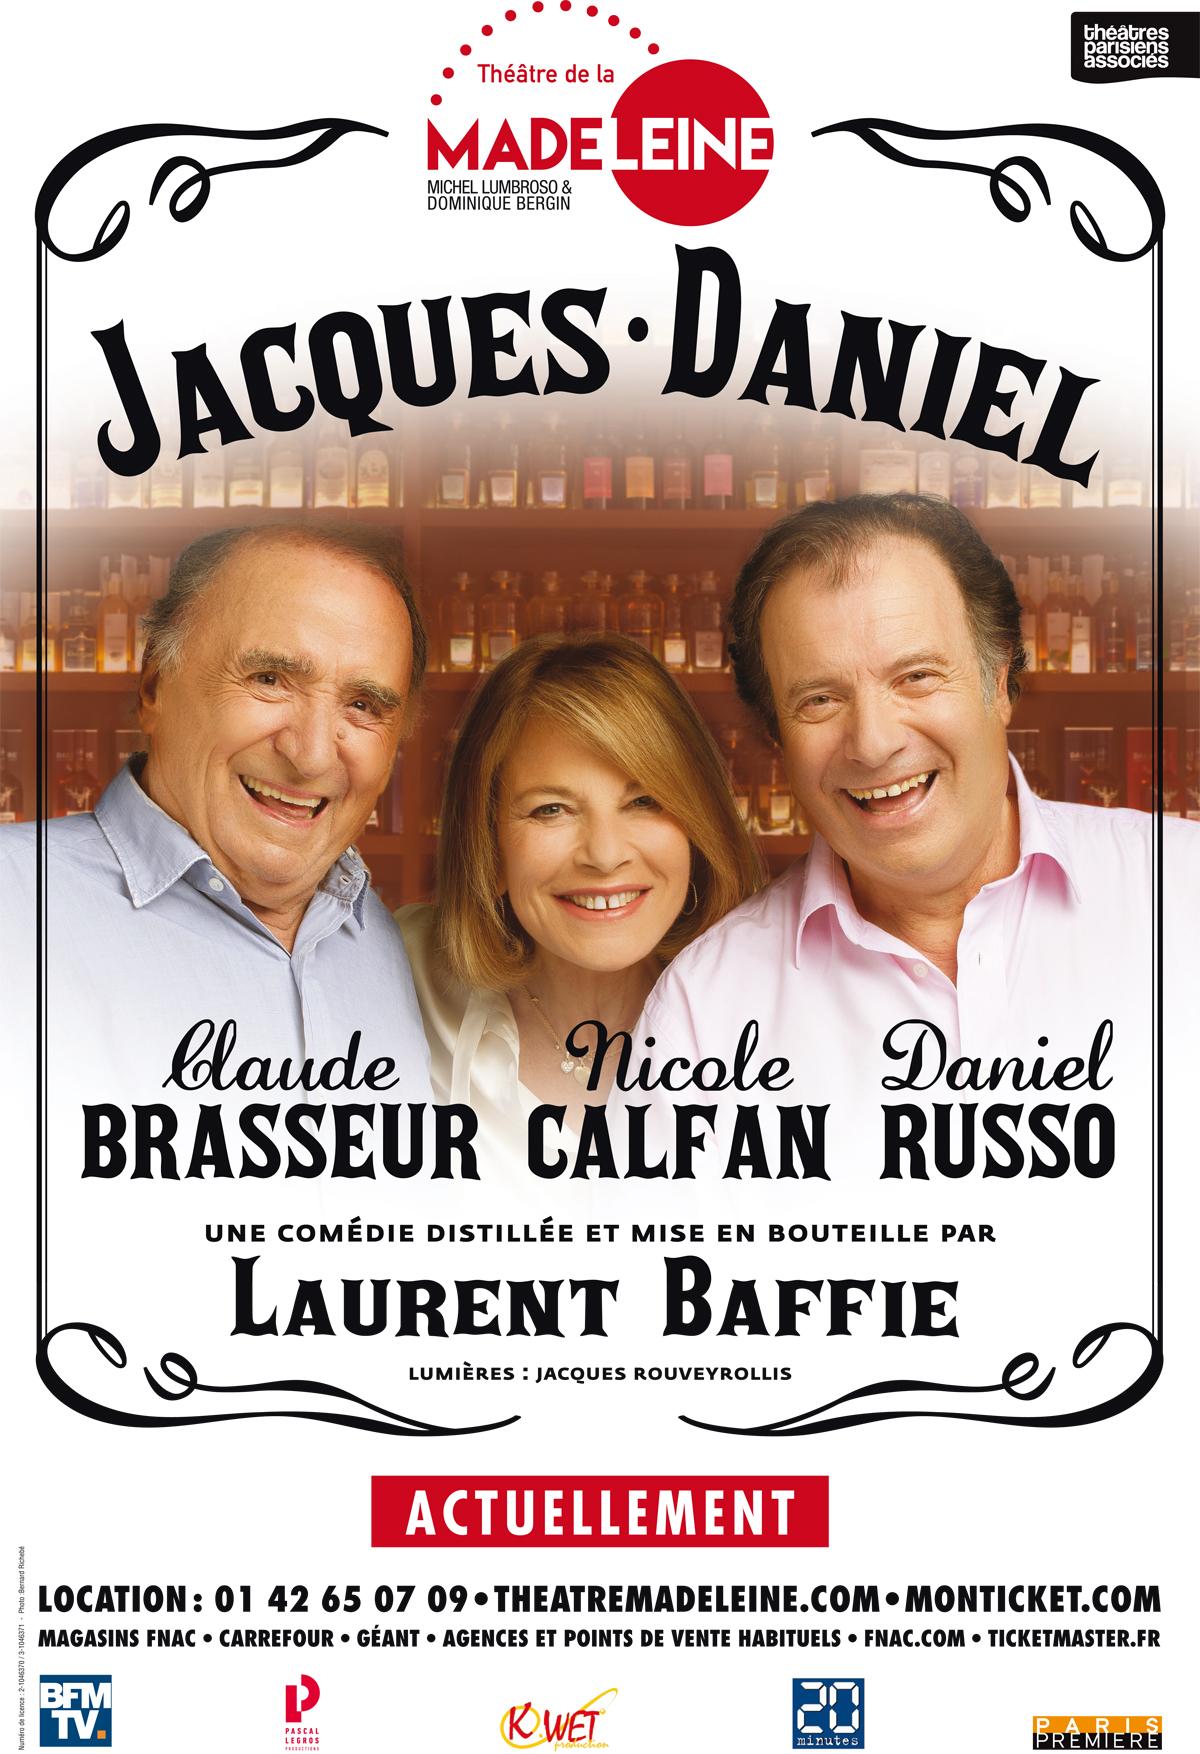 affiche-jacques-daniel-de-laurent-baffie-avec-claude-brasseur-nicole-calfan-daniel-russo-theatre-de-la-madeleine-paris